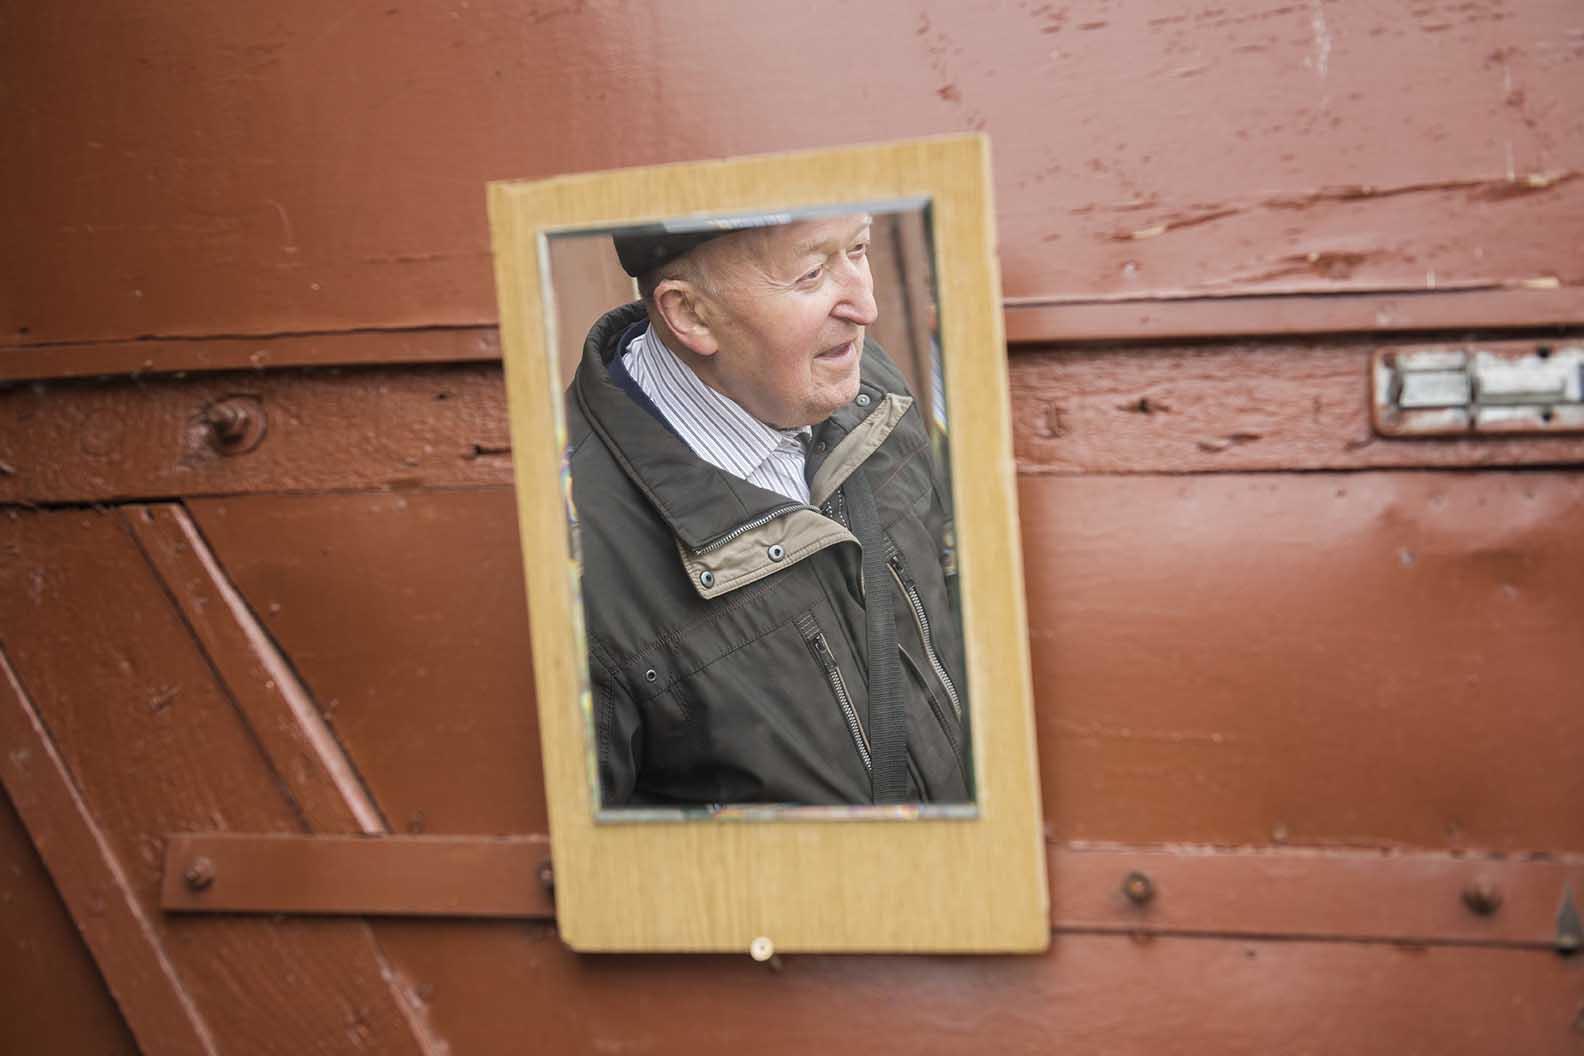 Mieszkanie przepadło, lecz Pan Sławek nadal posiada garaż w którym trzyma swoje rzeczy.